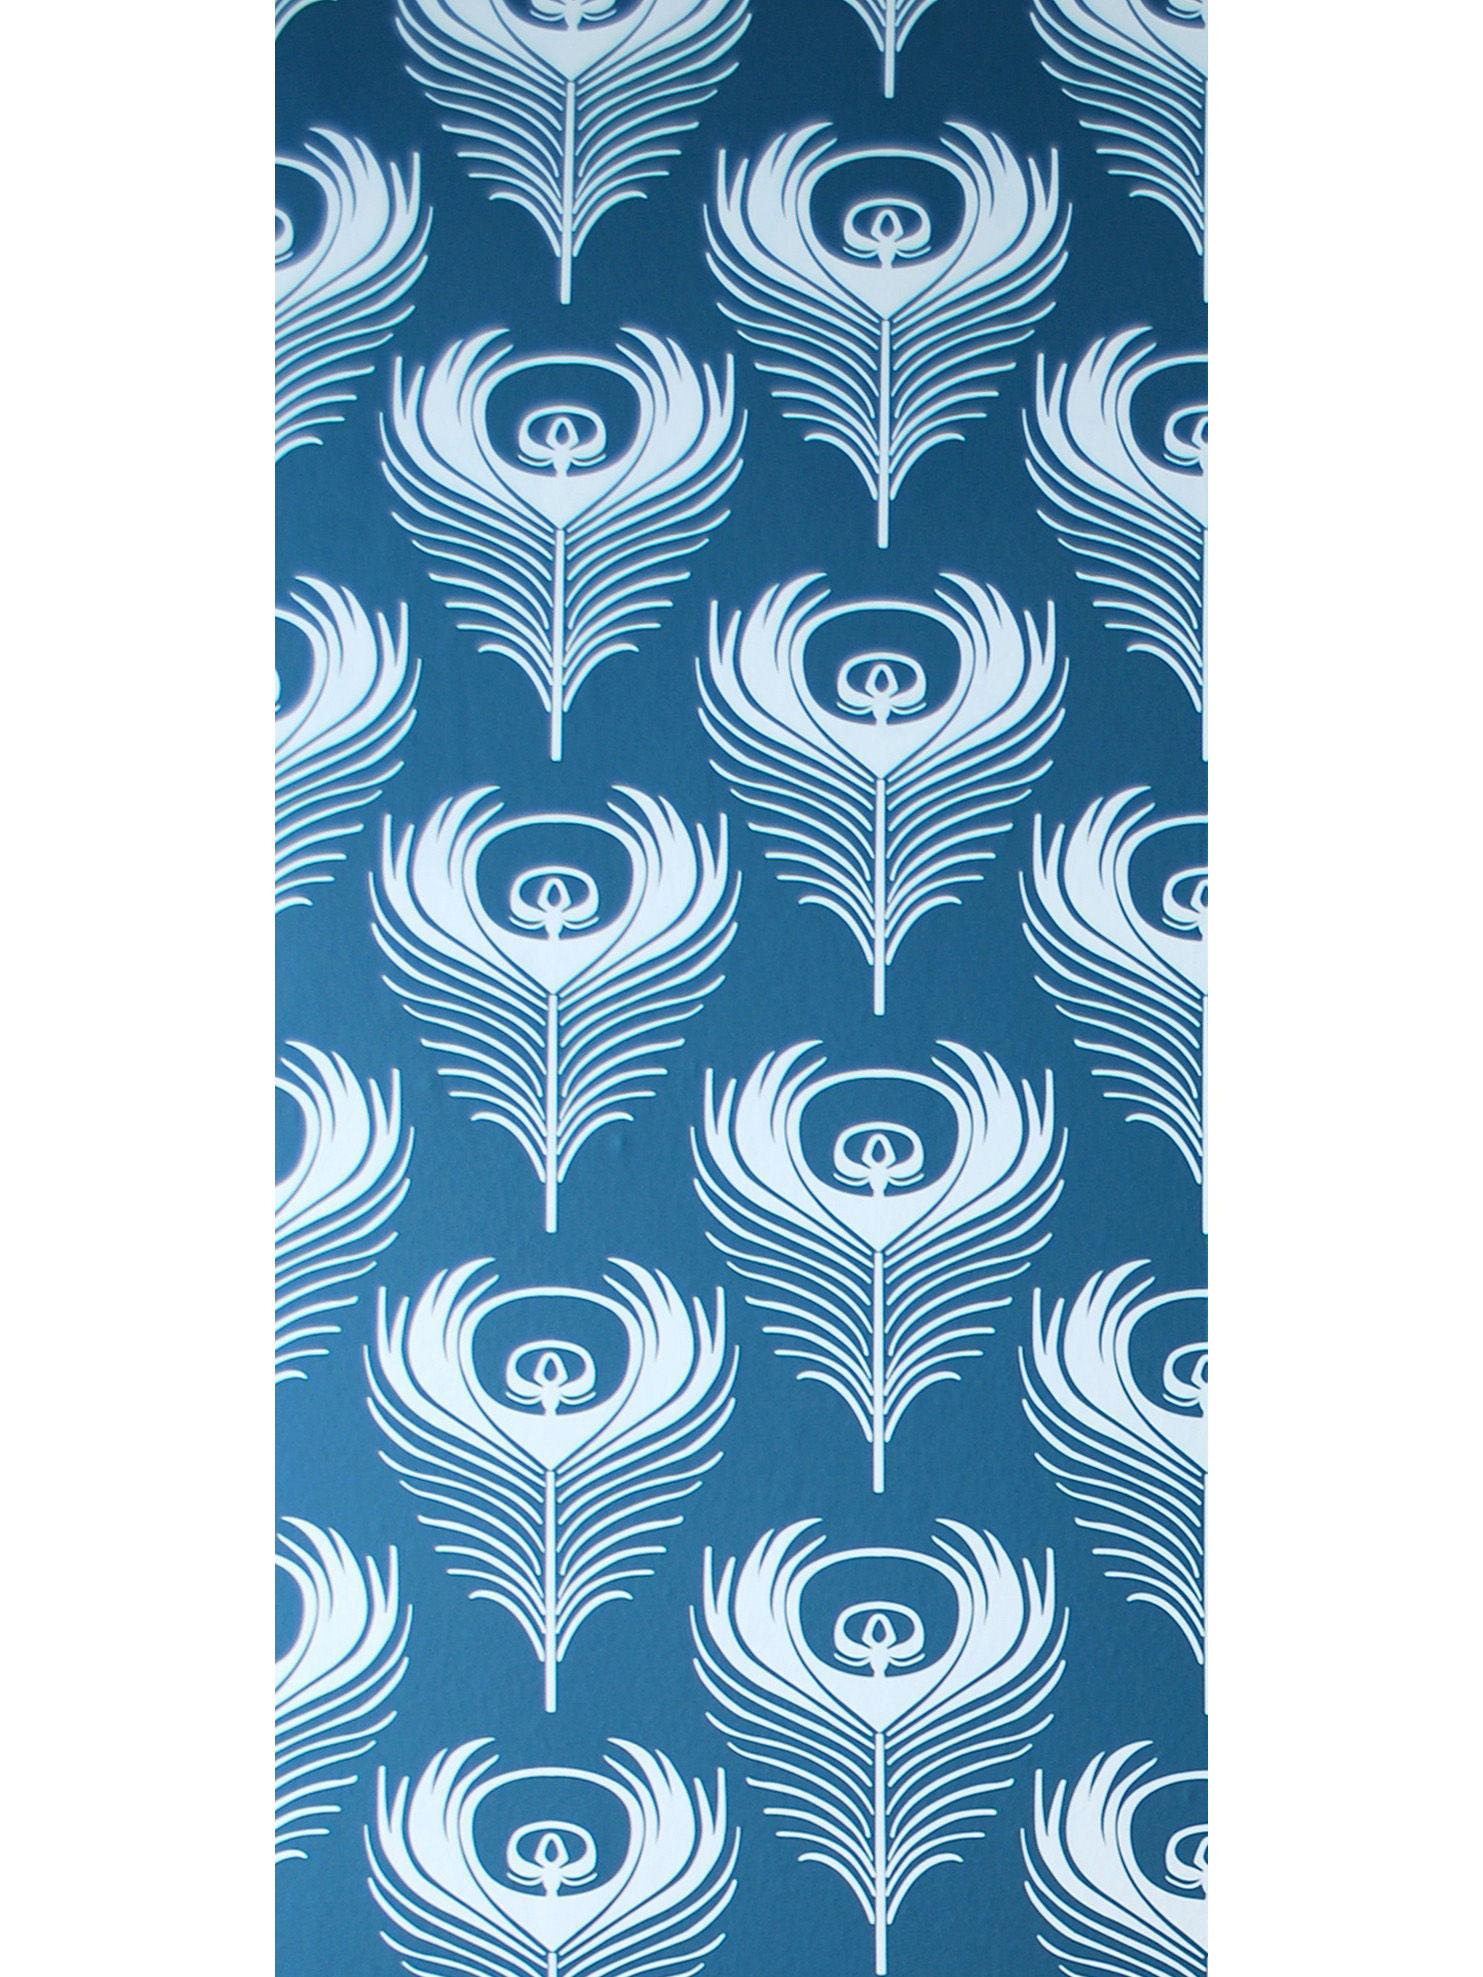 papier peint feather 1 rouleau larg 53 cm bleu p trole. Black Bedroom Furniture Sets. Home Design Ideas